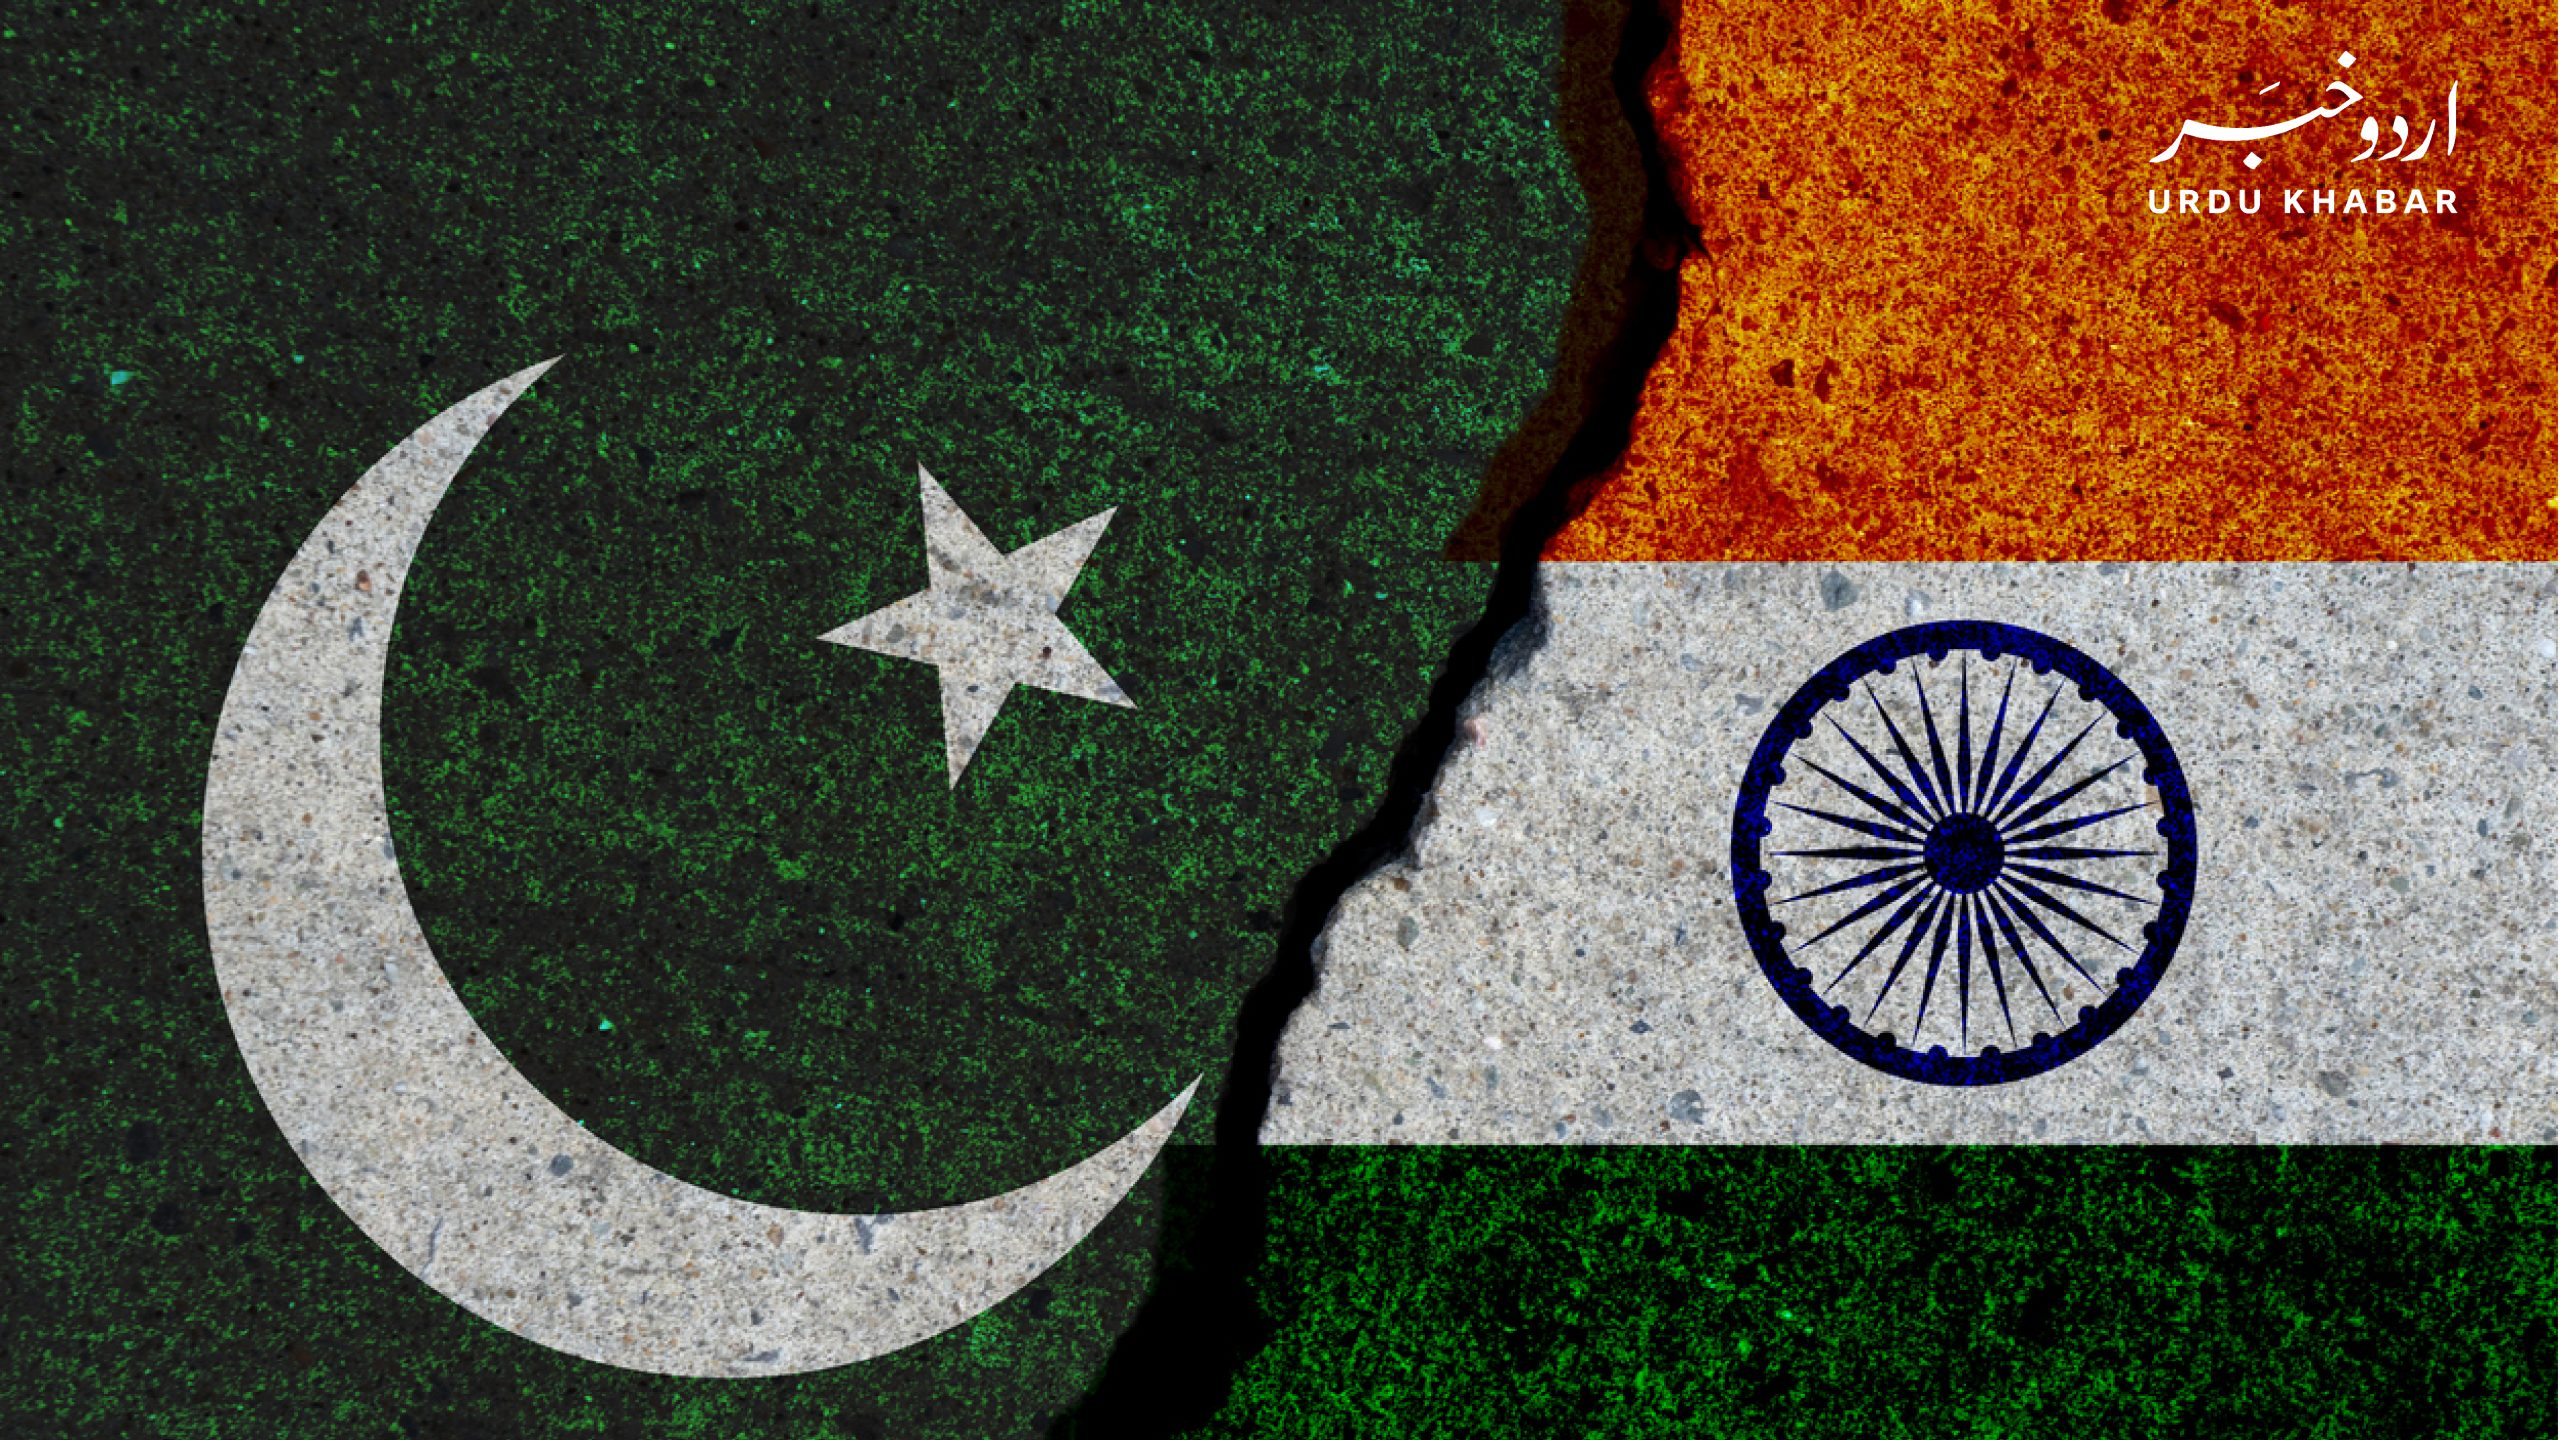 عمران خان نے پاک انڈیا ایل و سی معاہدے کا خیر مقدم کیا